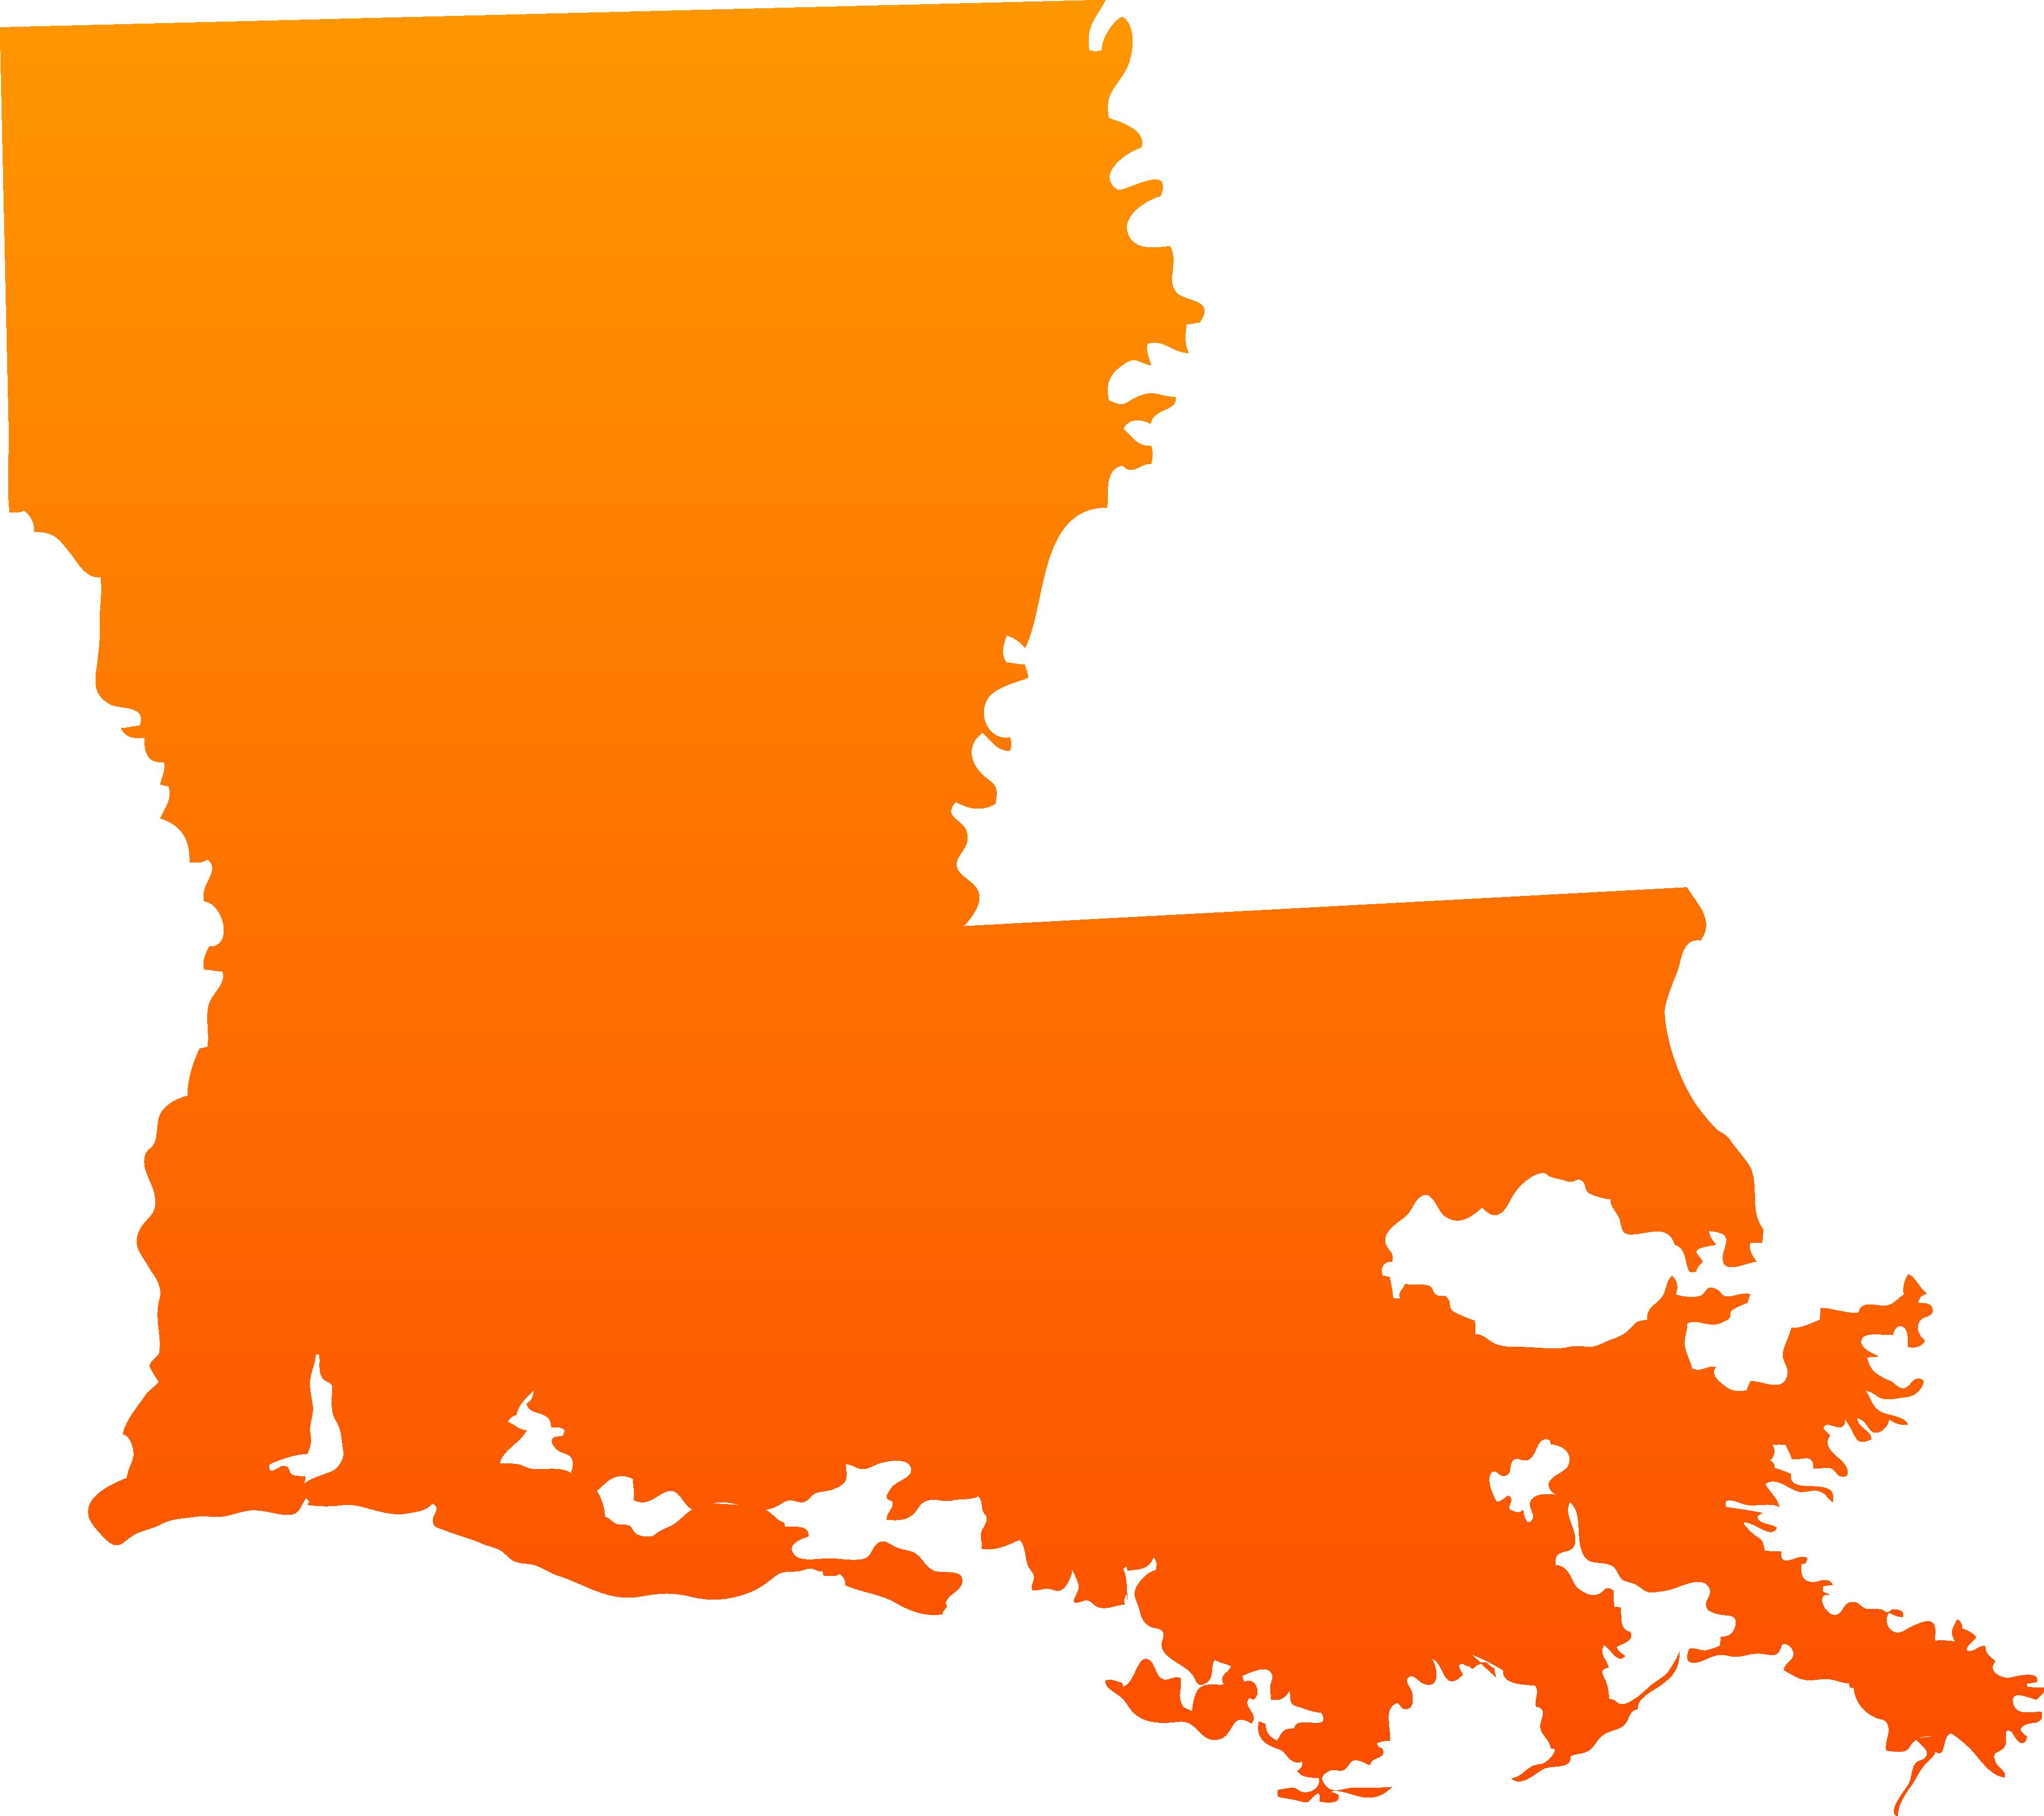 clipart free . Louisiana clipart